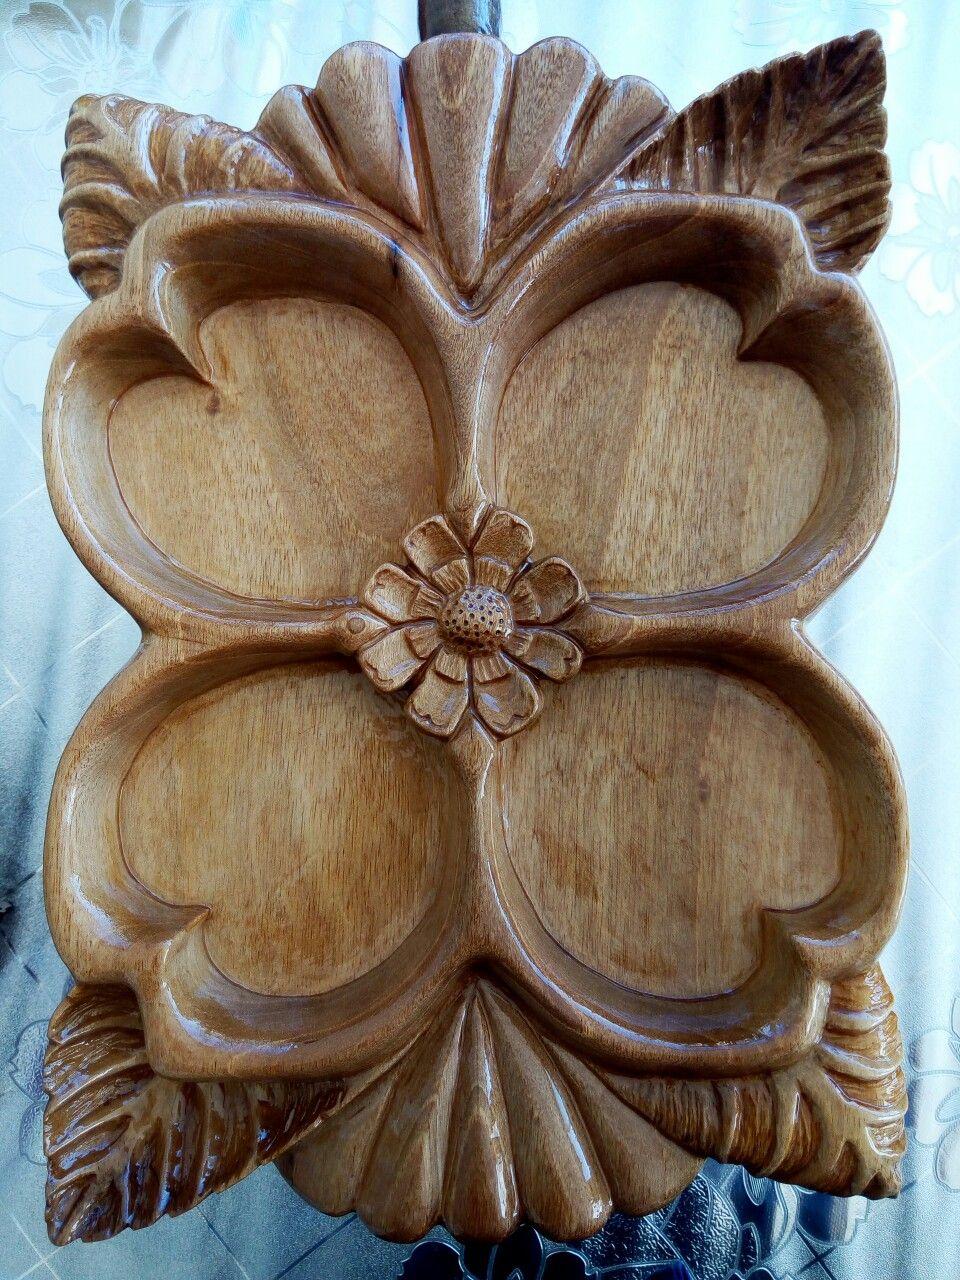 Pin by maría cristina loza on talla de madera pinterest trays